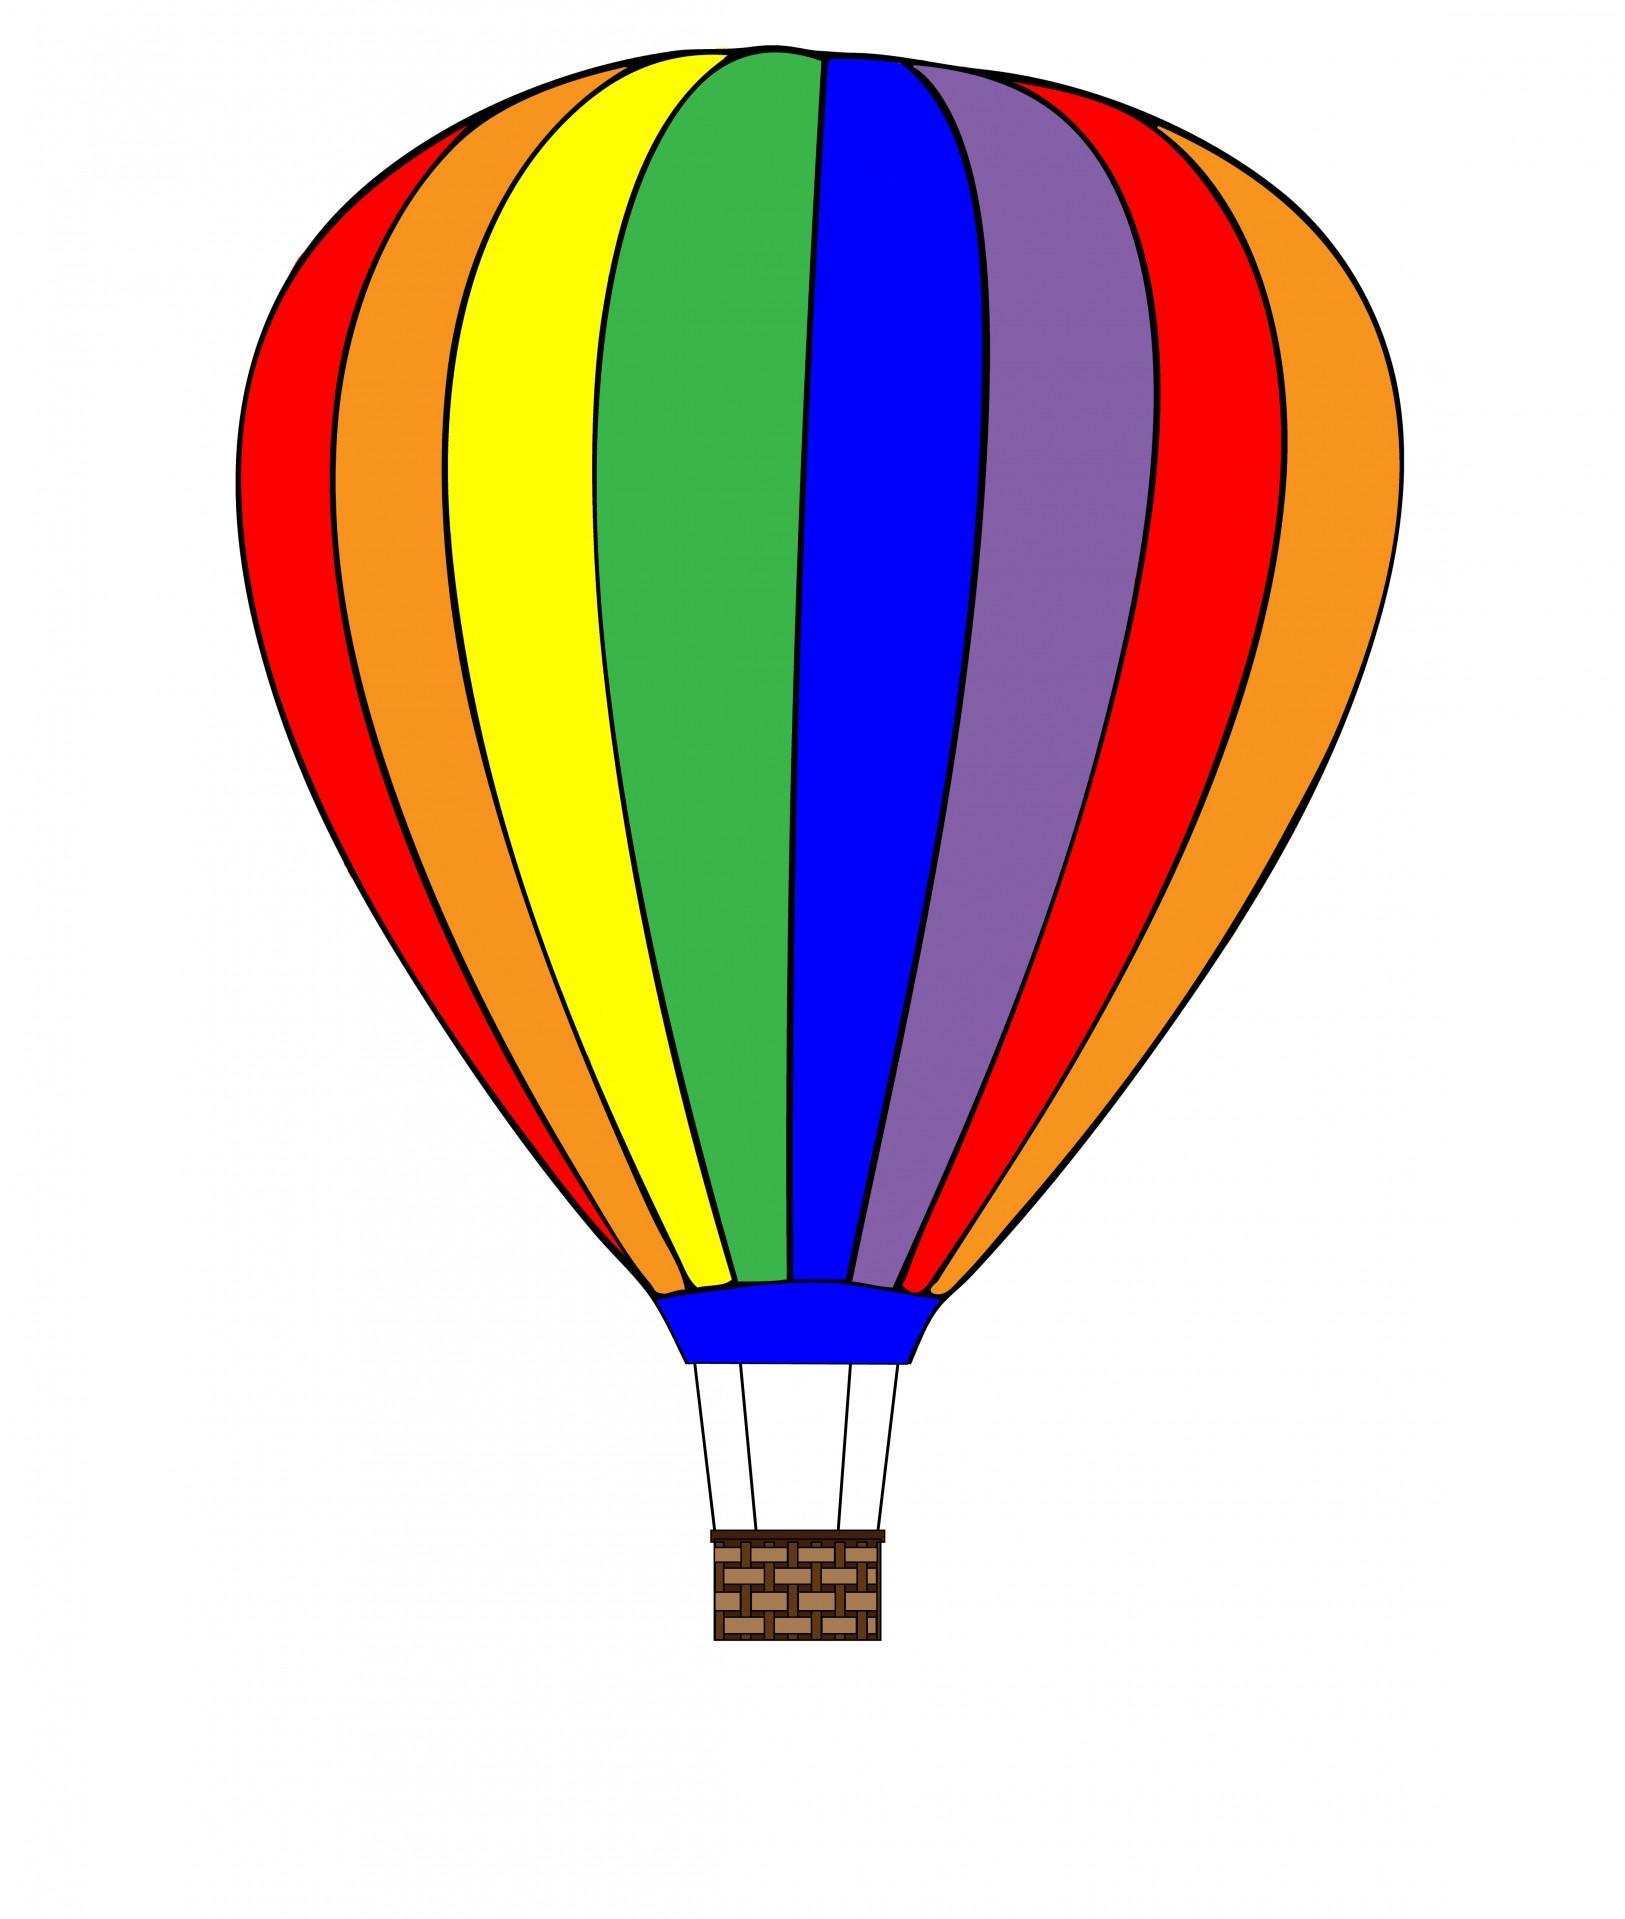 Hot Air Balloon Clipart - Hot Air Balloon Clip Art